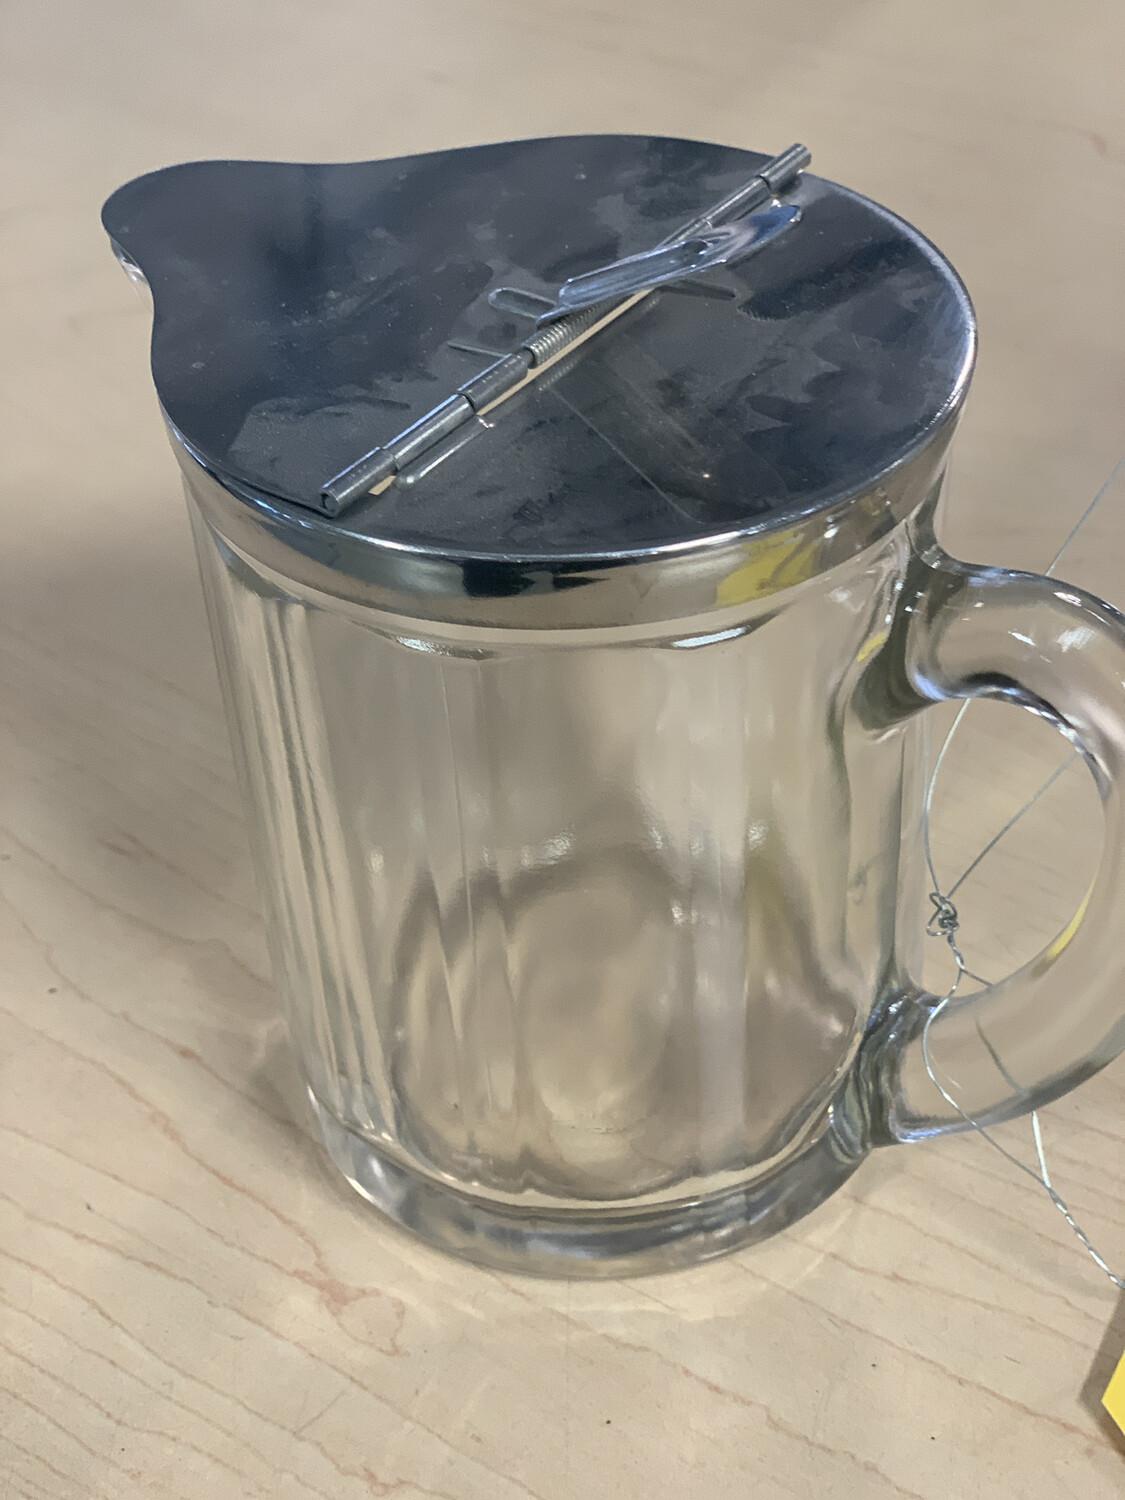 RARE FIND VINTAGE 1950'S SYRUP JAR